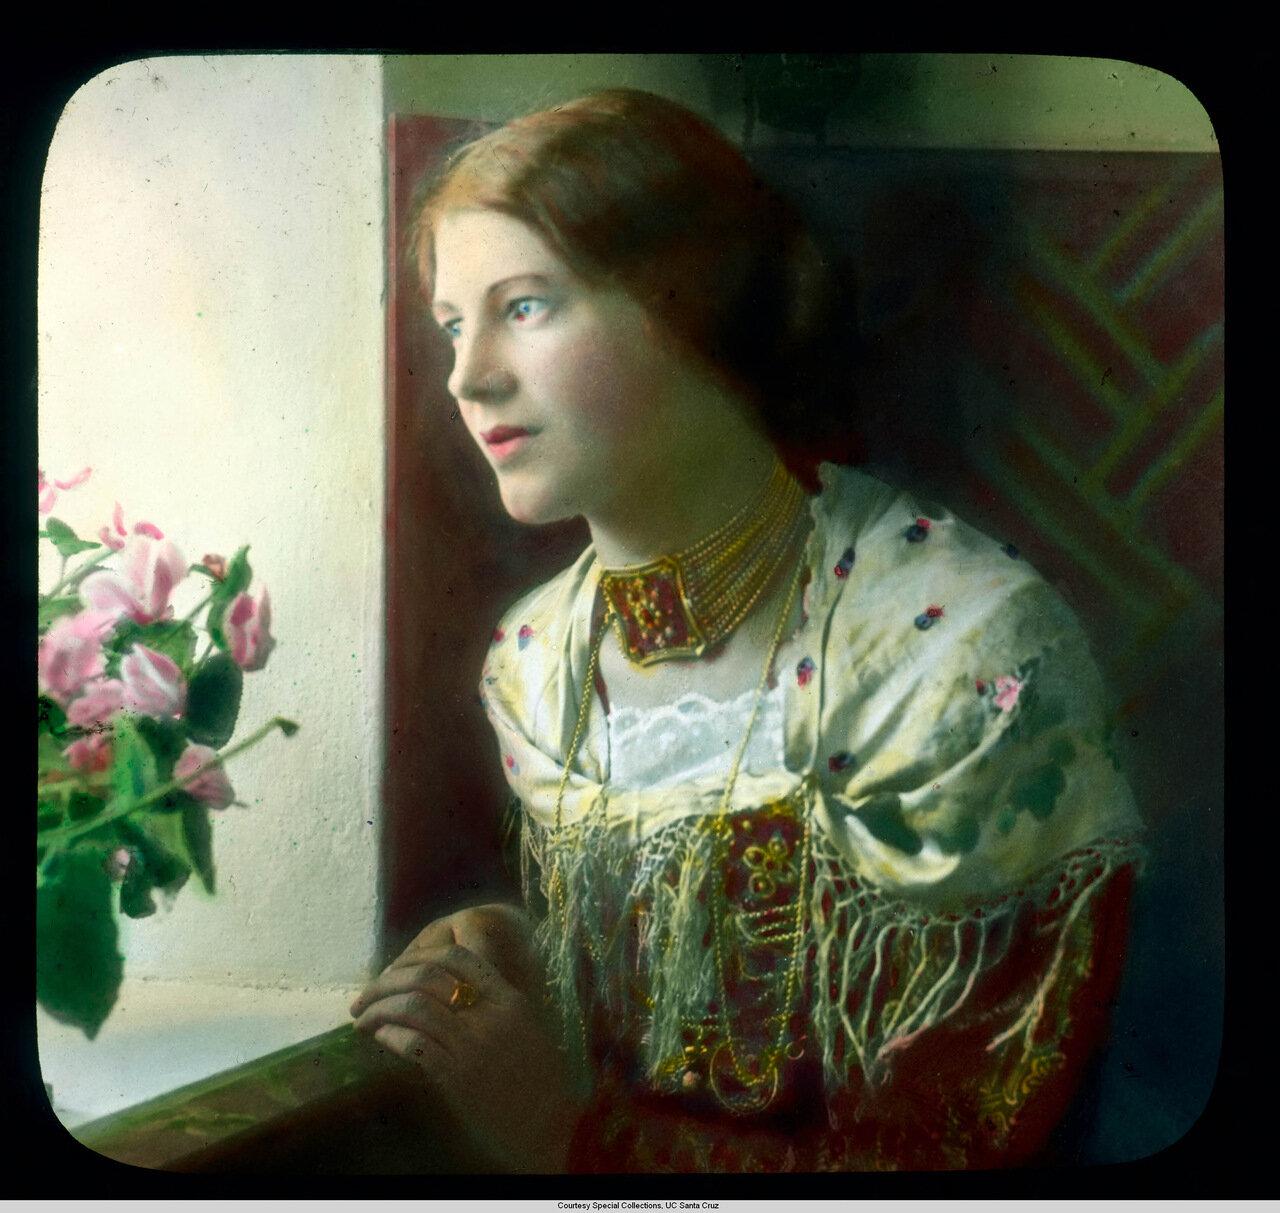 Обераммергау. Страсти Христовы. Энни Ратц, Дева Мария в 1930 г.